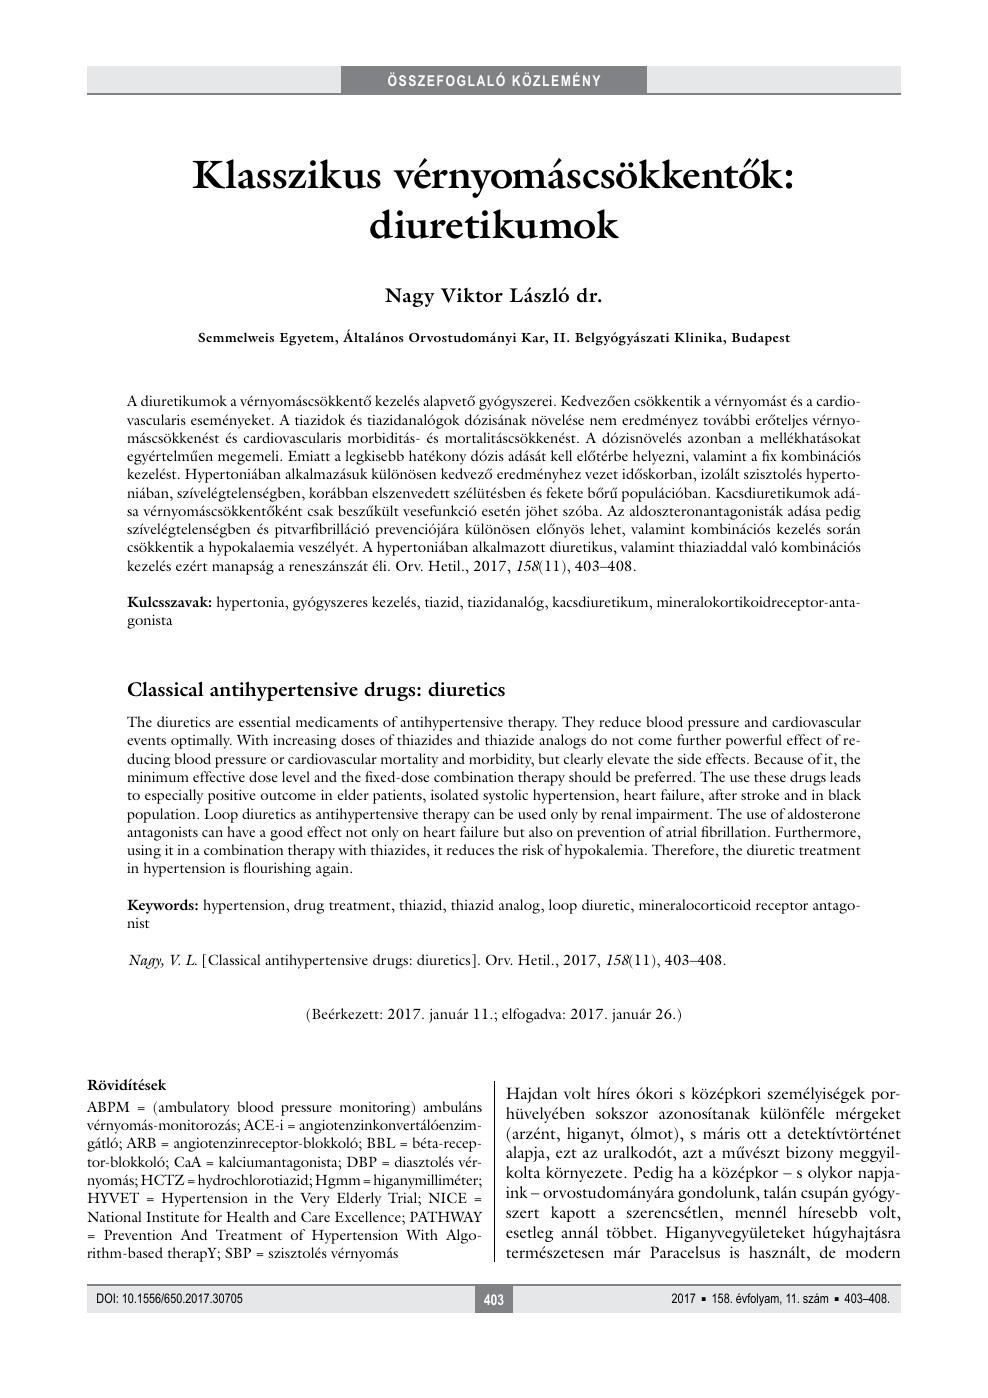 Diuretikumok a hypertonia kezelésében